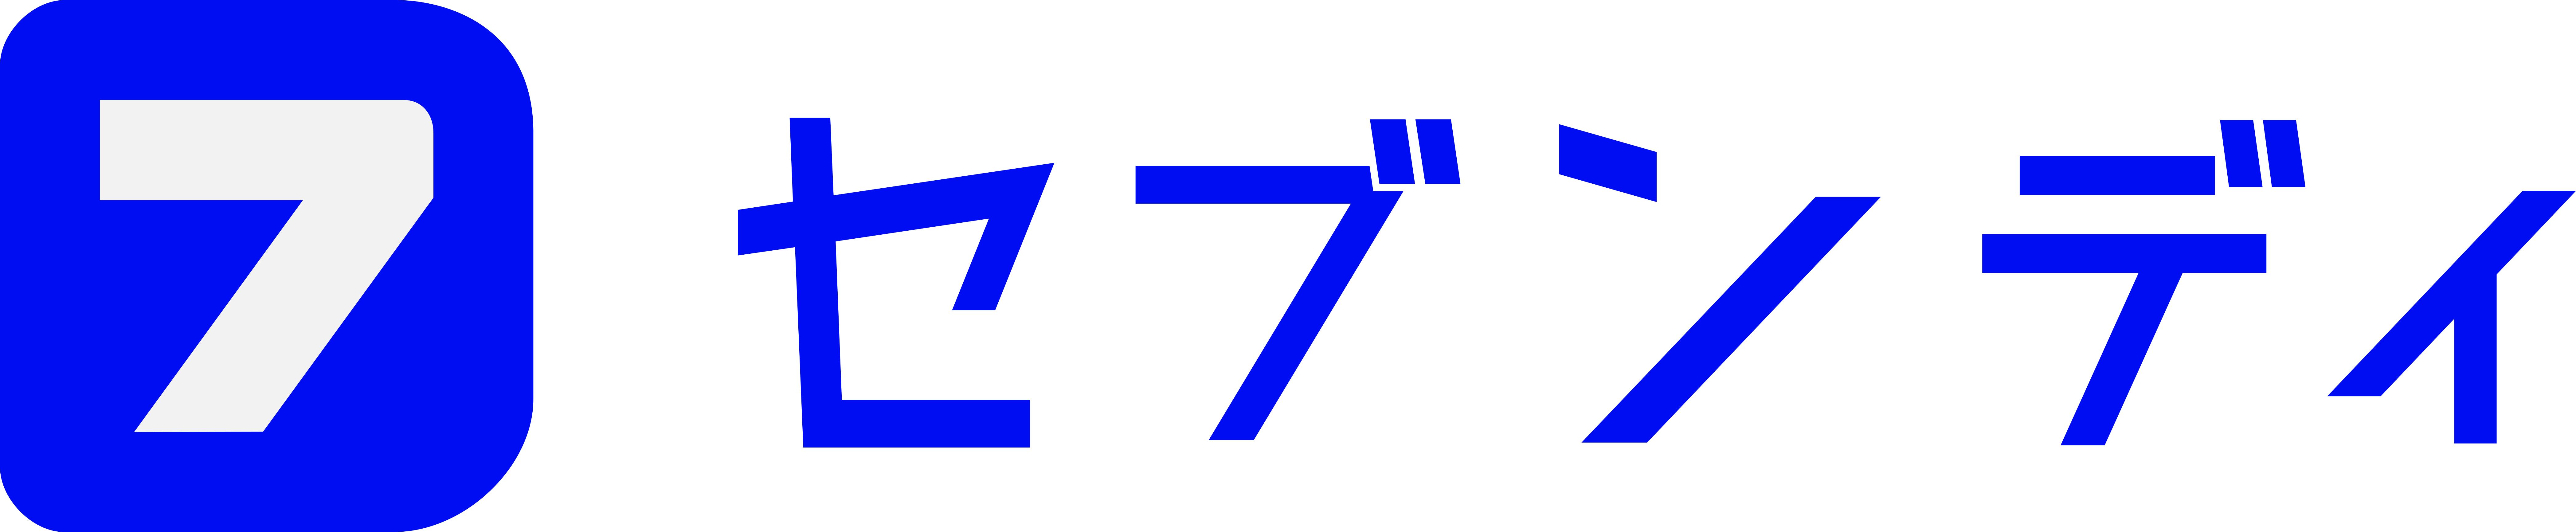 7d_logo_201510-